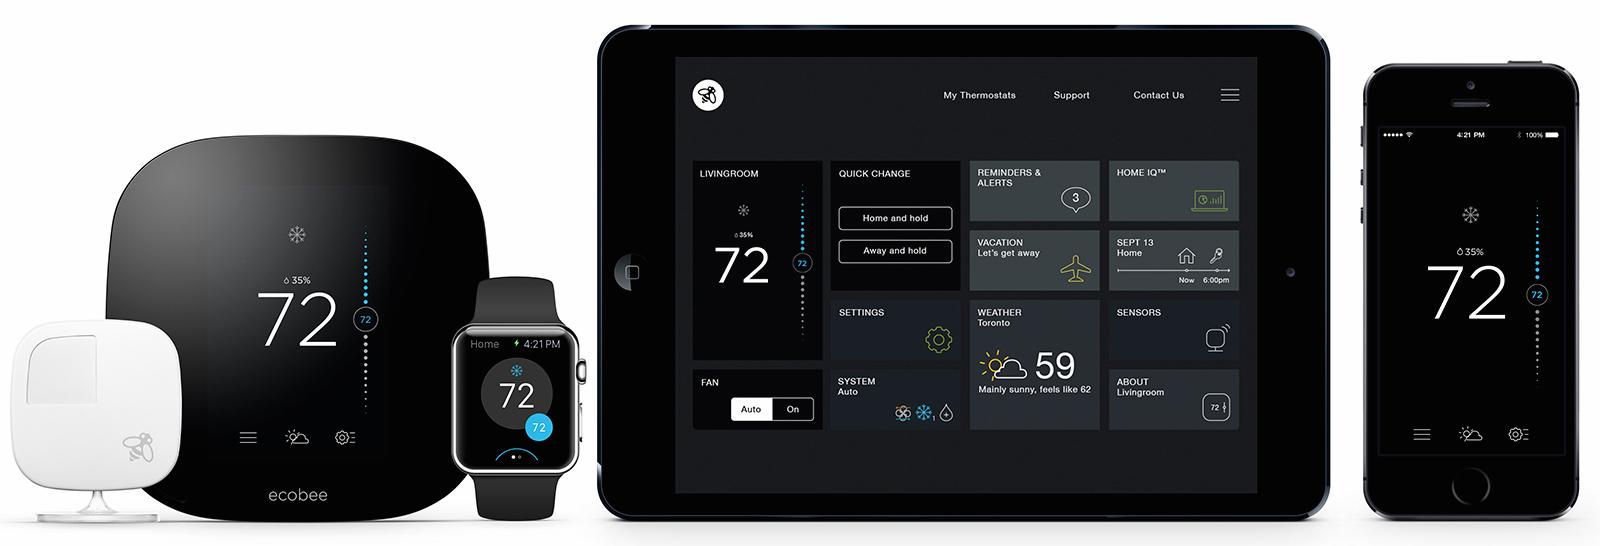 ecobee3-smart-thermostat